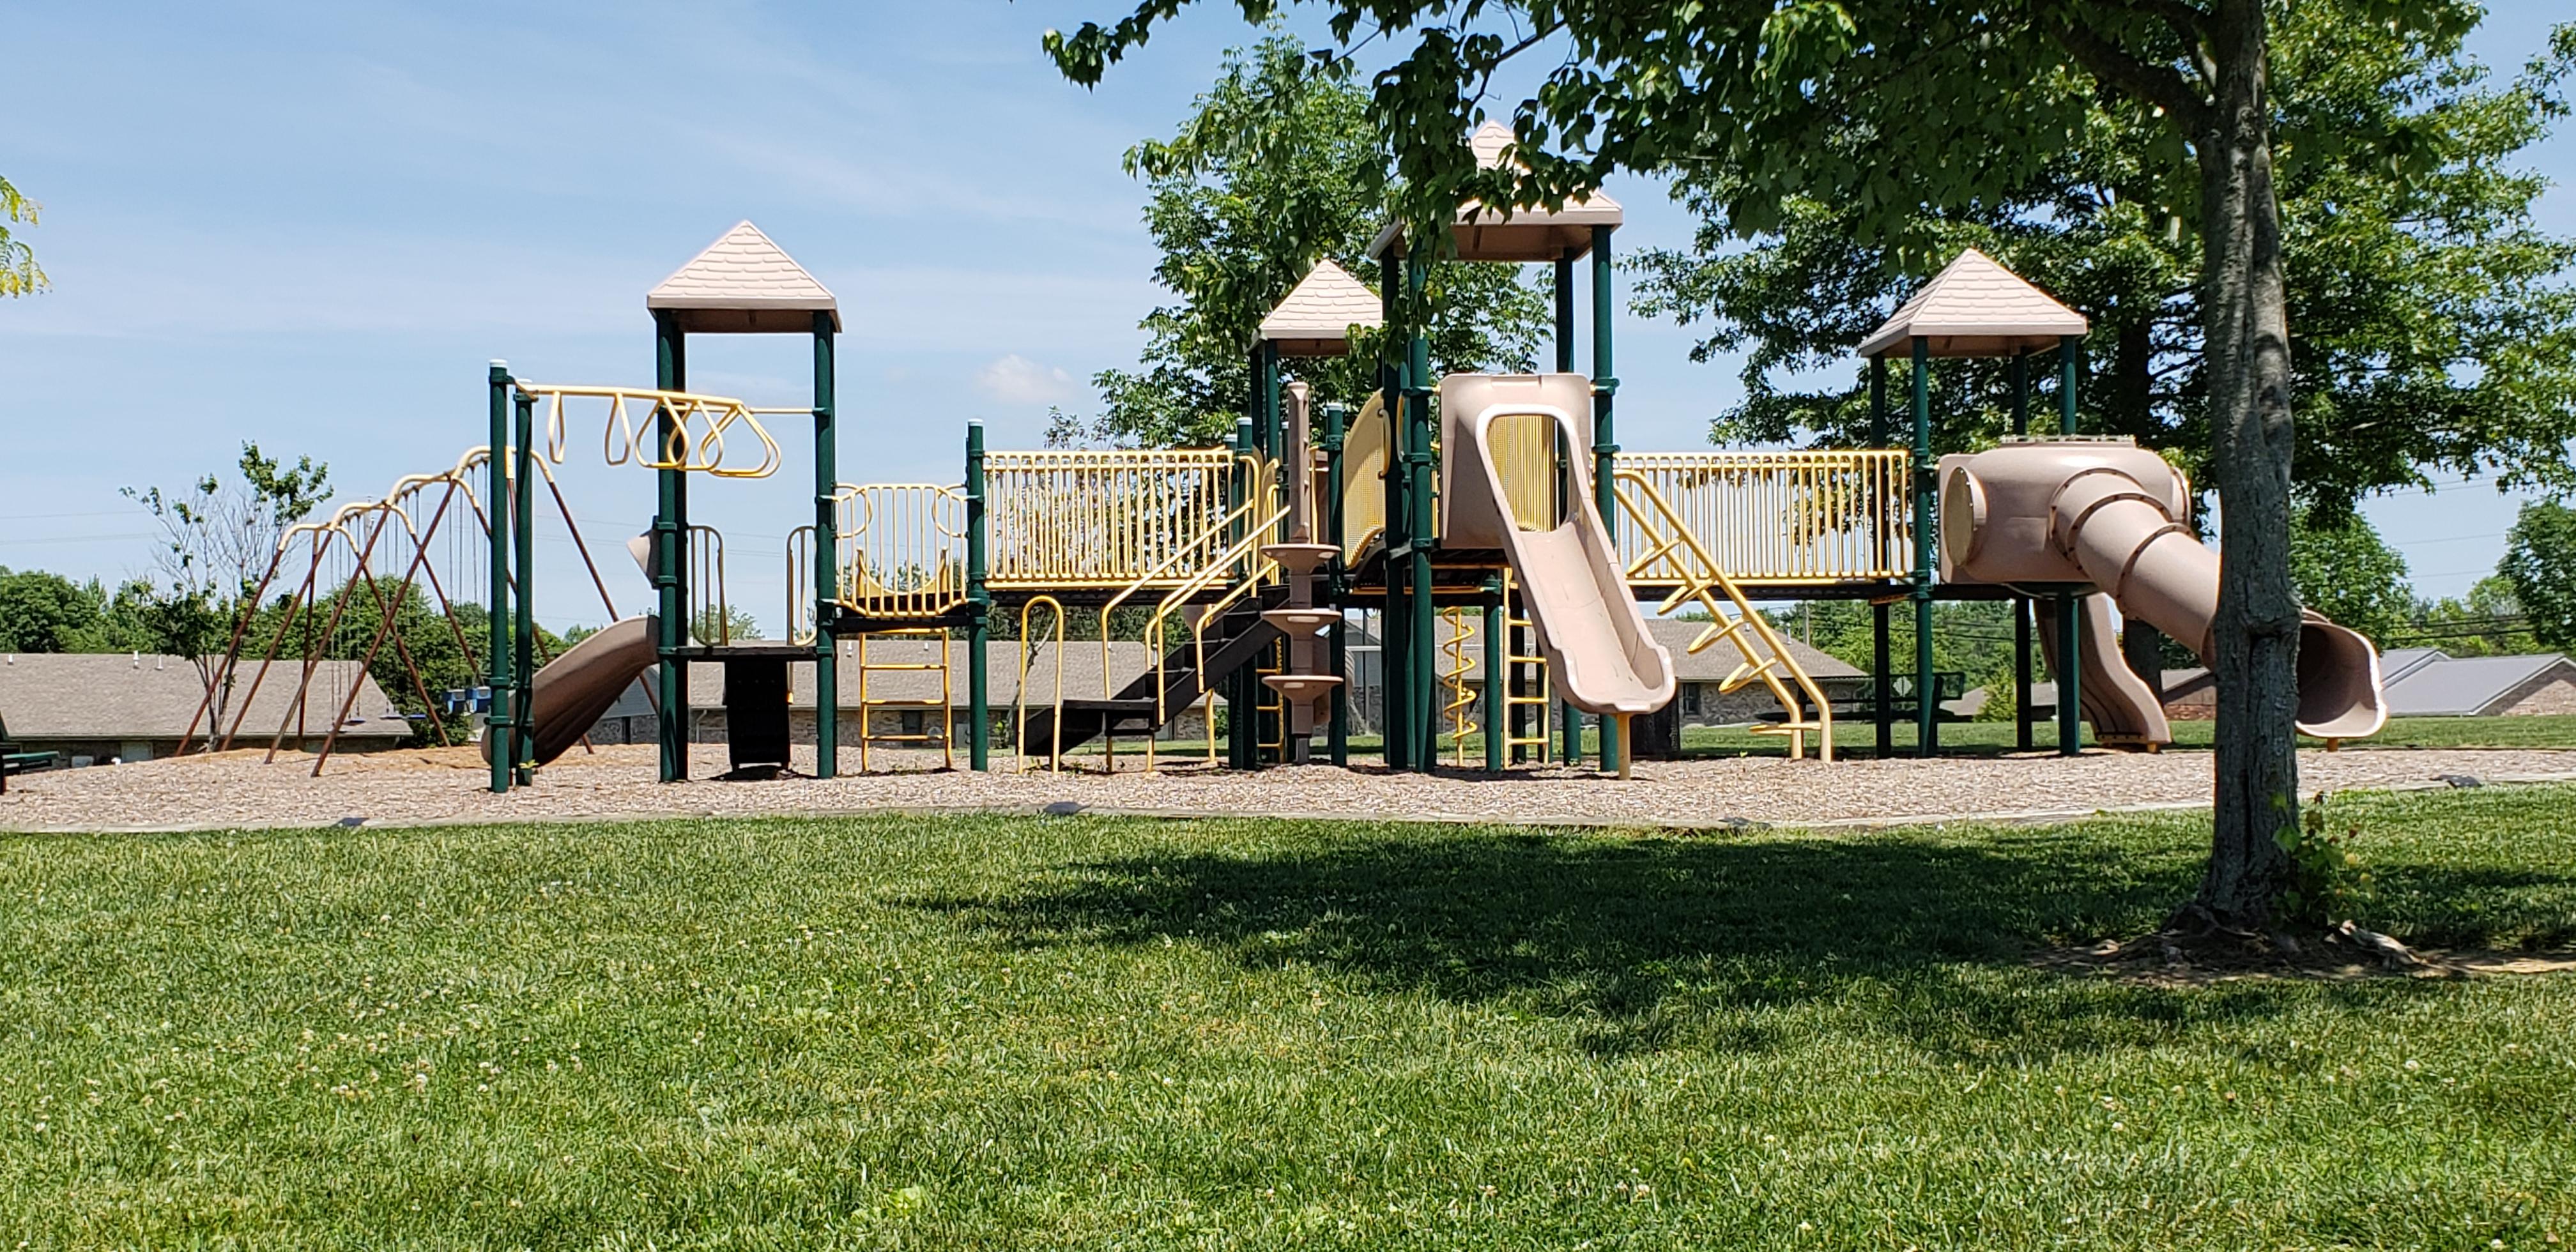 Bohnert playground